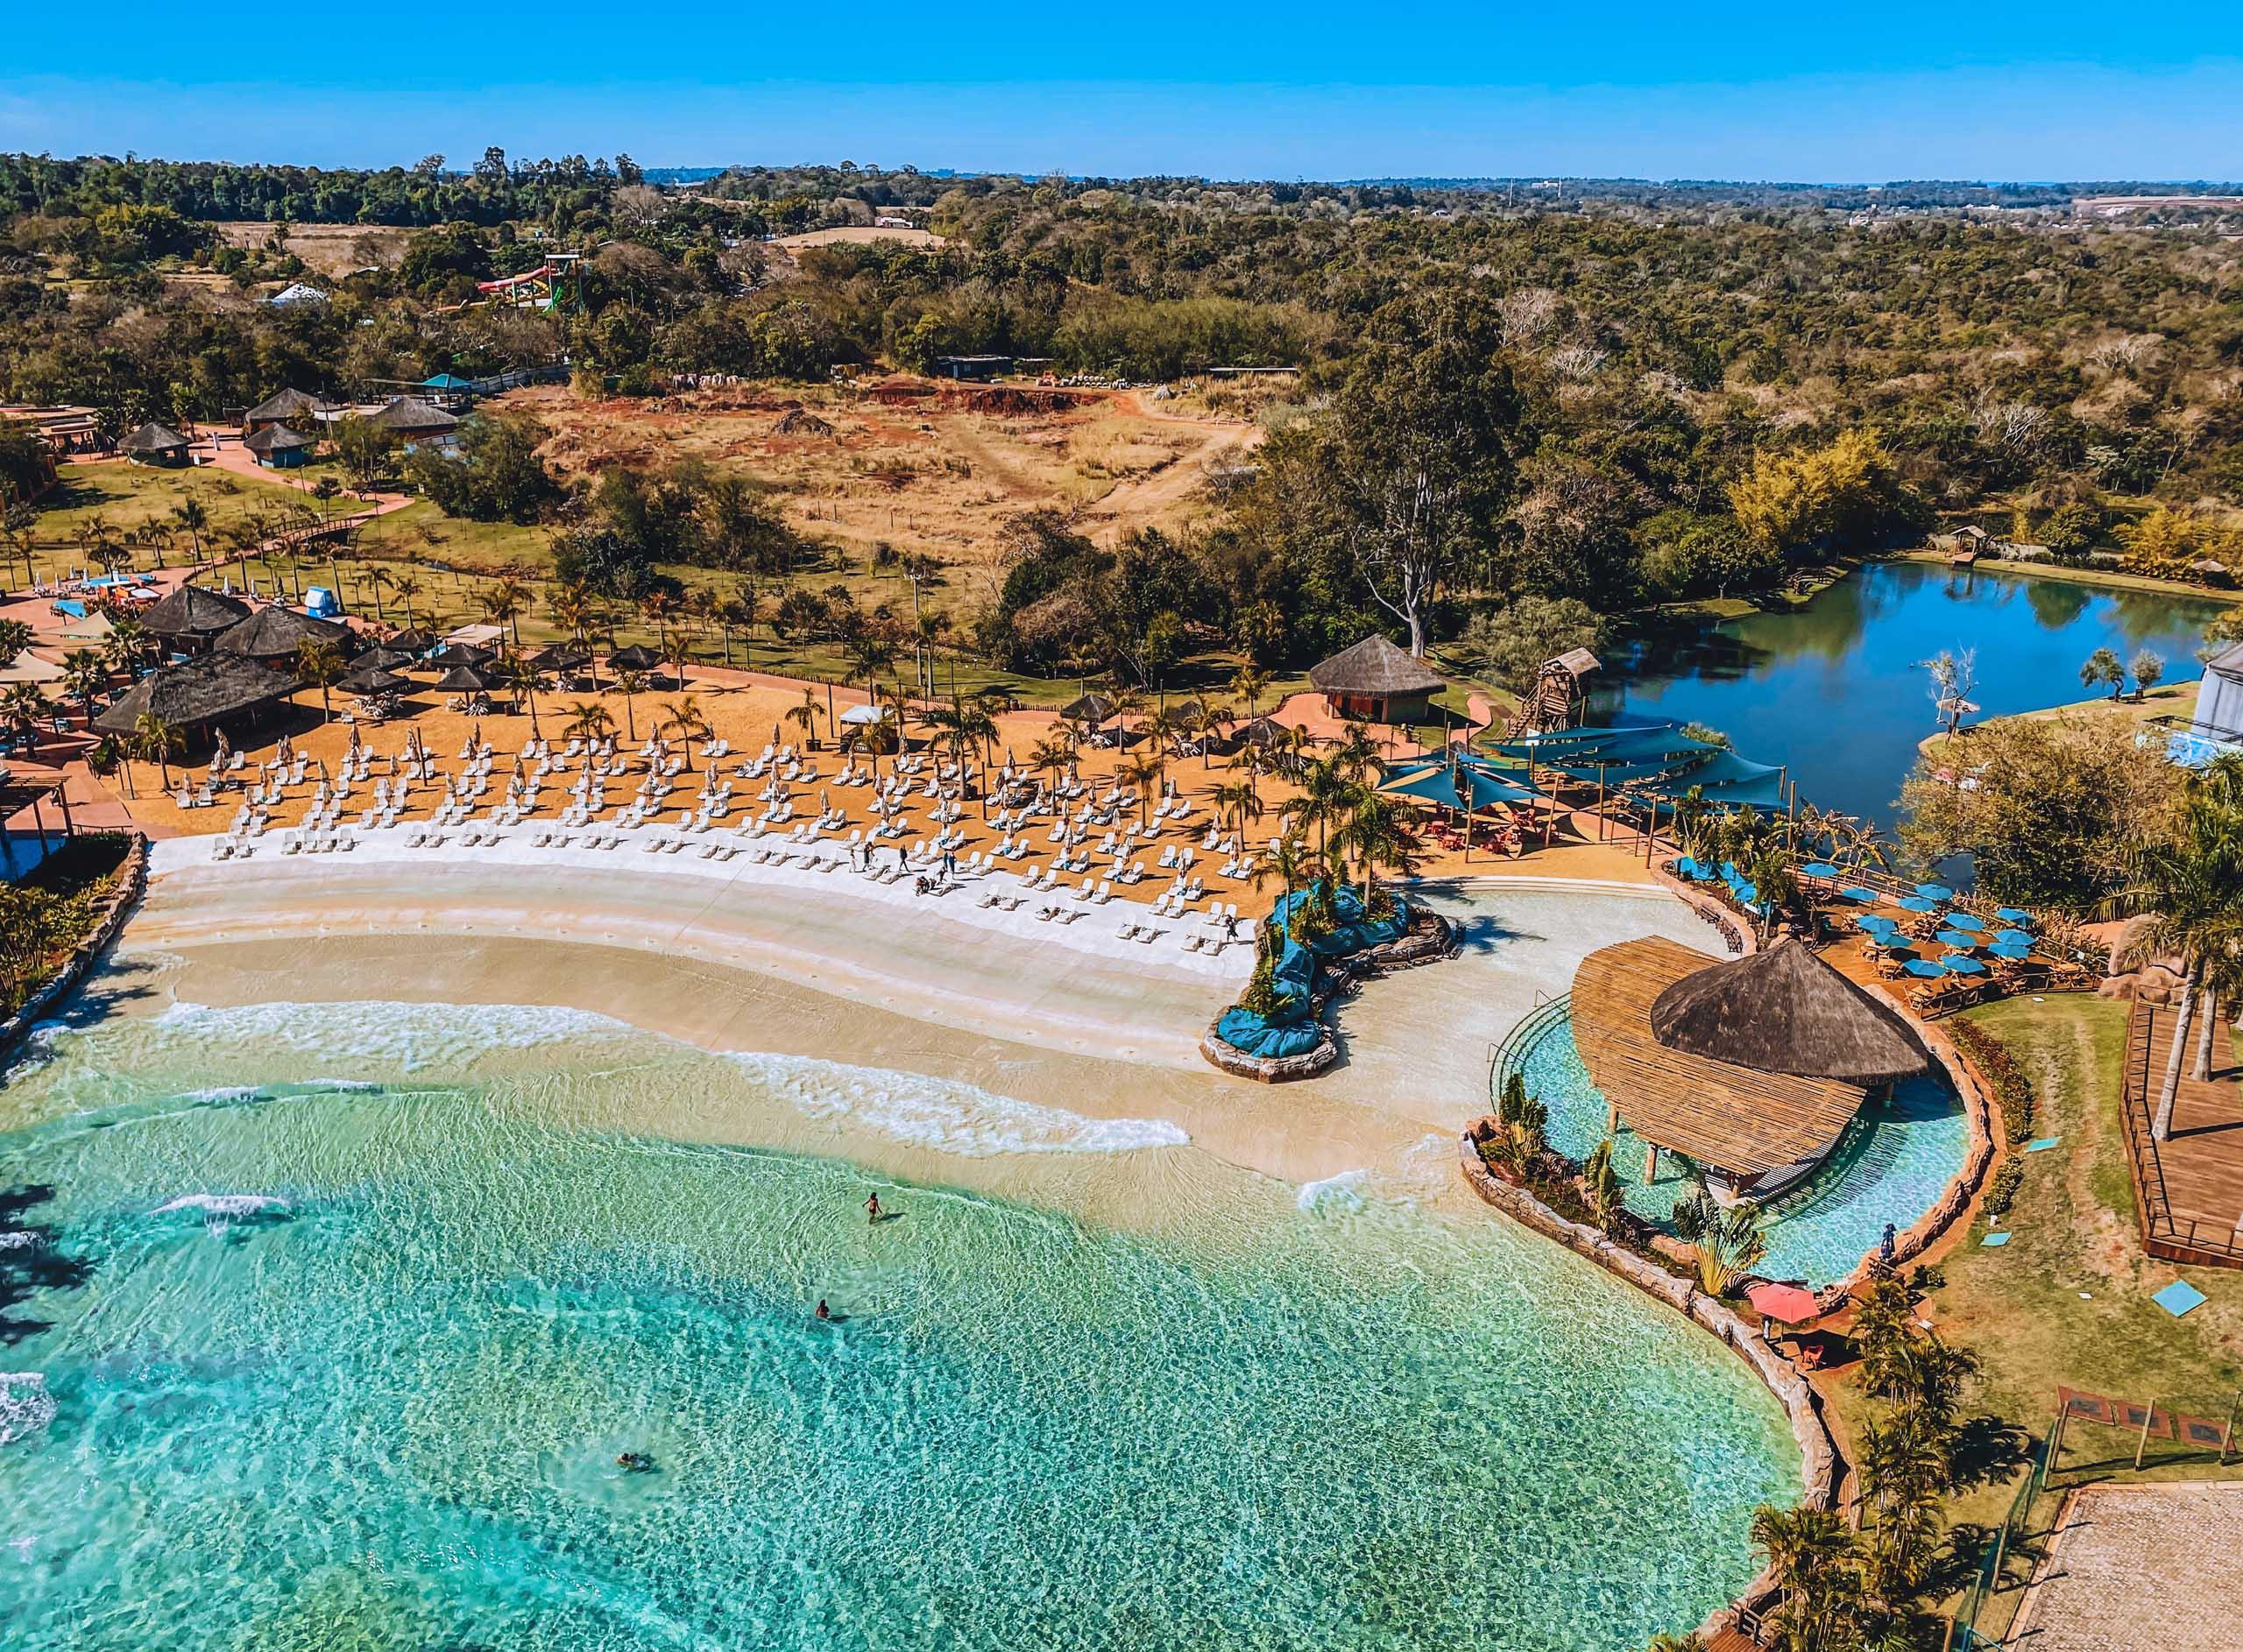 Existe praia em Foz do Iguaçu?